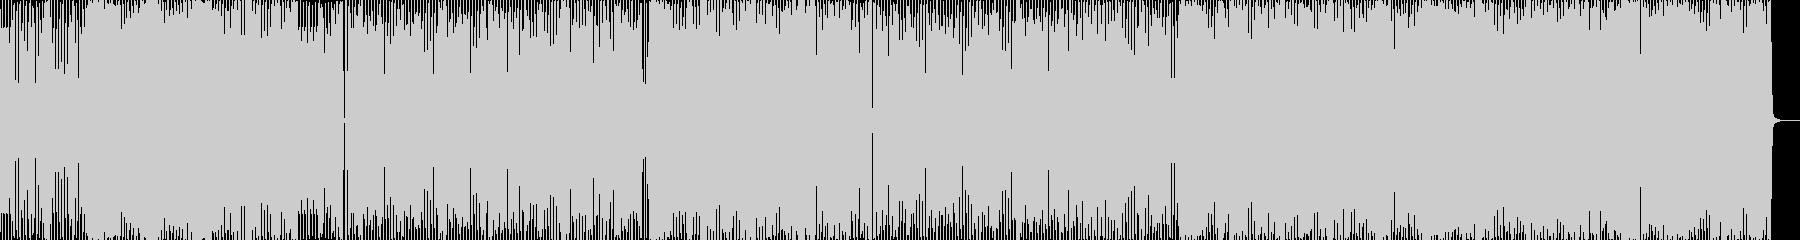 軽快なエレクトリックポップスの未再生の波形